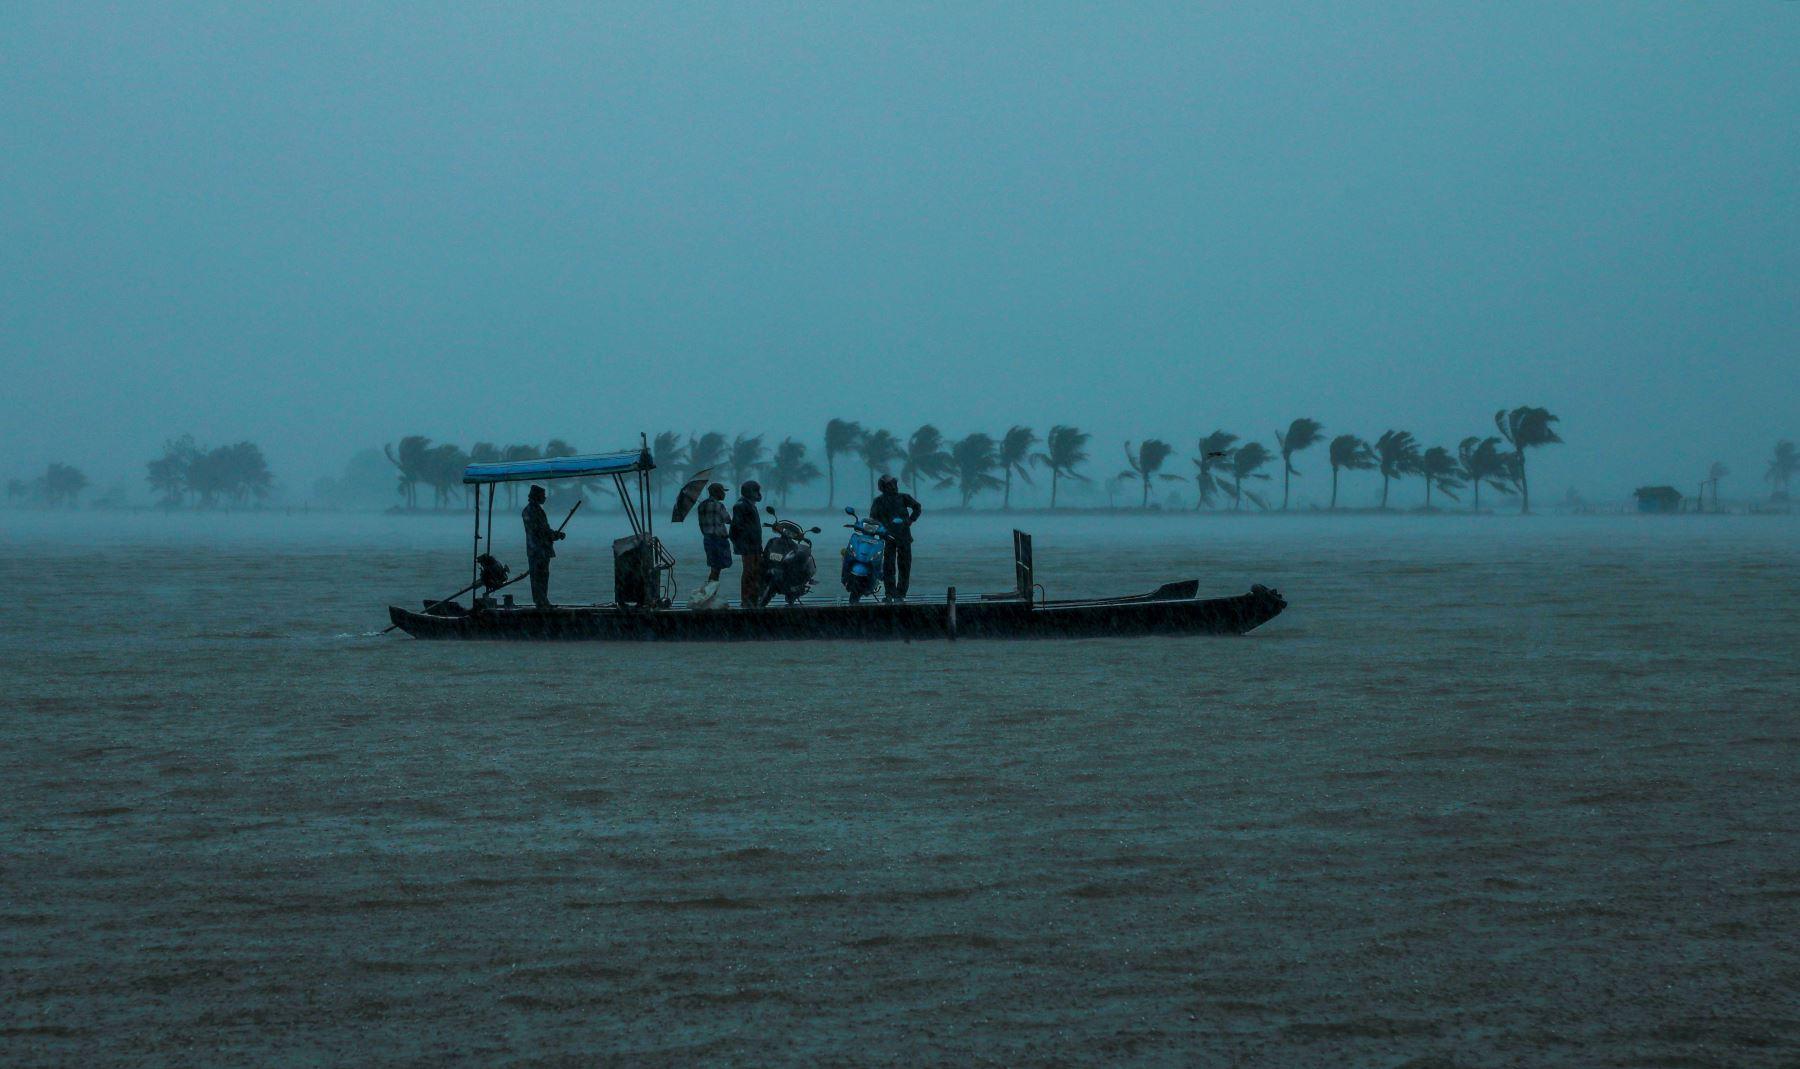 Residentes  evacuados de su hogar a un lugar más seguro después de las inundaciones, en el estado indio de Kerala. AFP